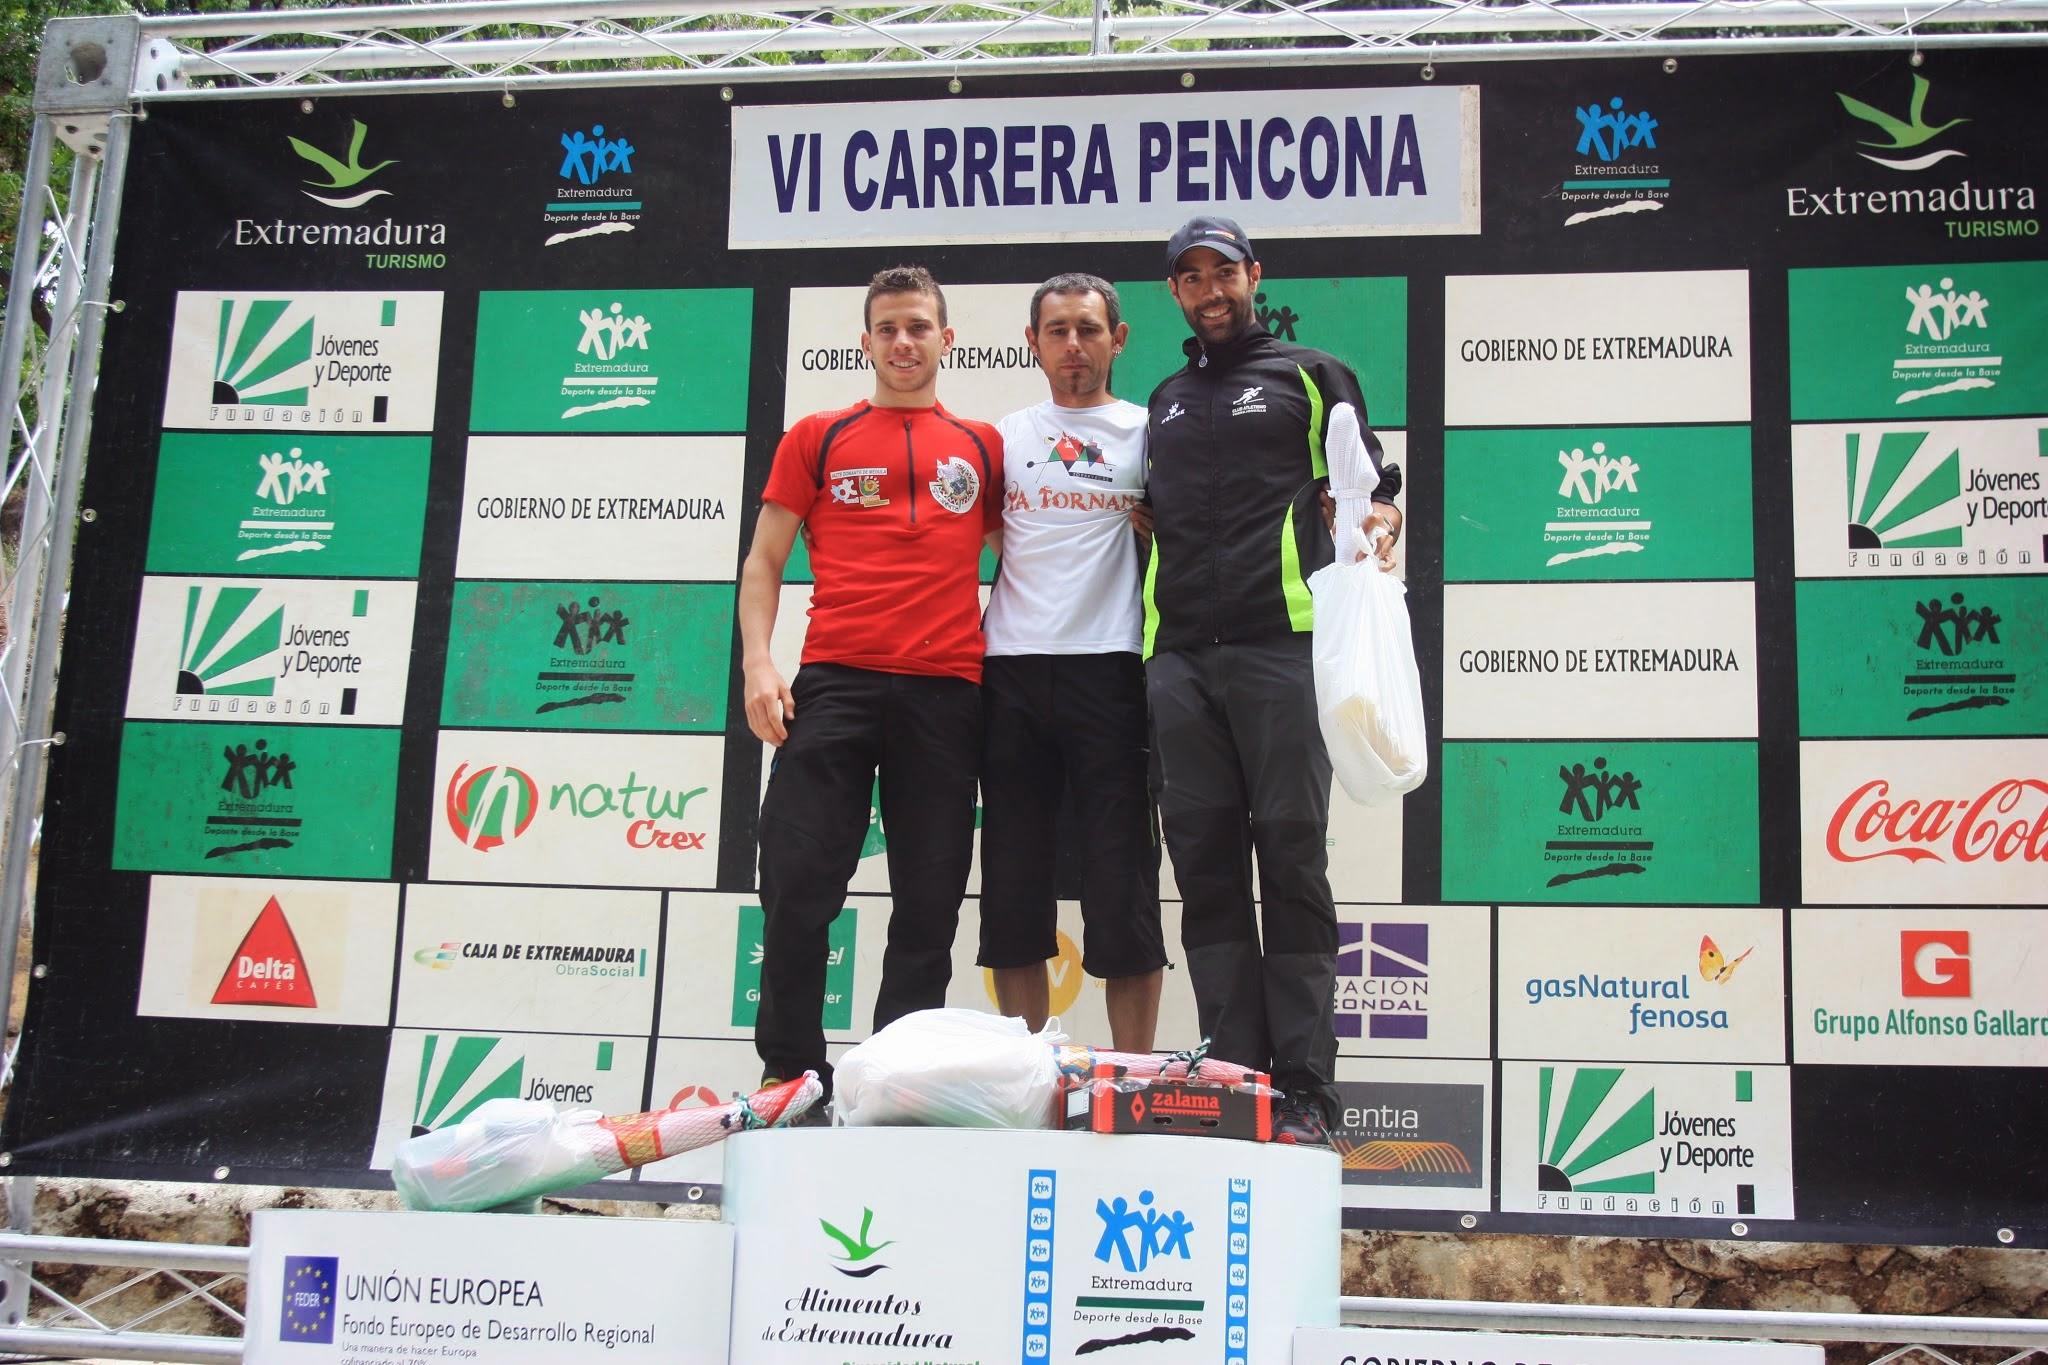 Álvaro García (2º), Javi González (1º) y Kiko Lázaro (3º) completaron el podio - WEB OFICIAL DE LA PRUEBA